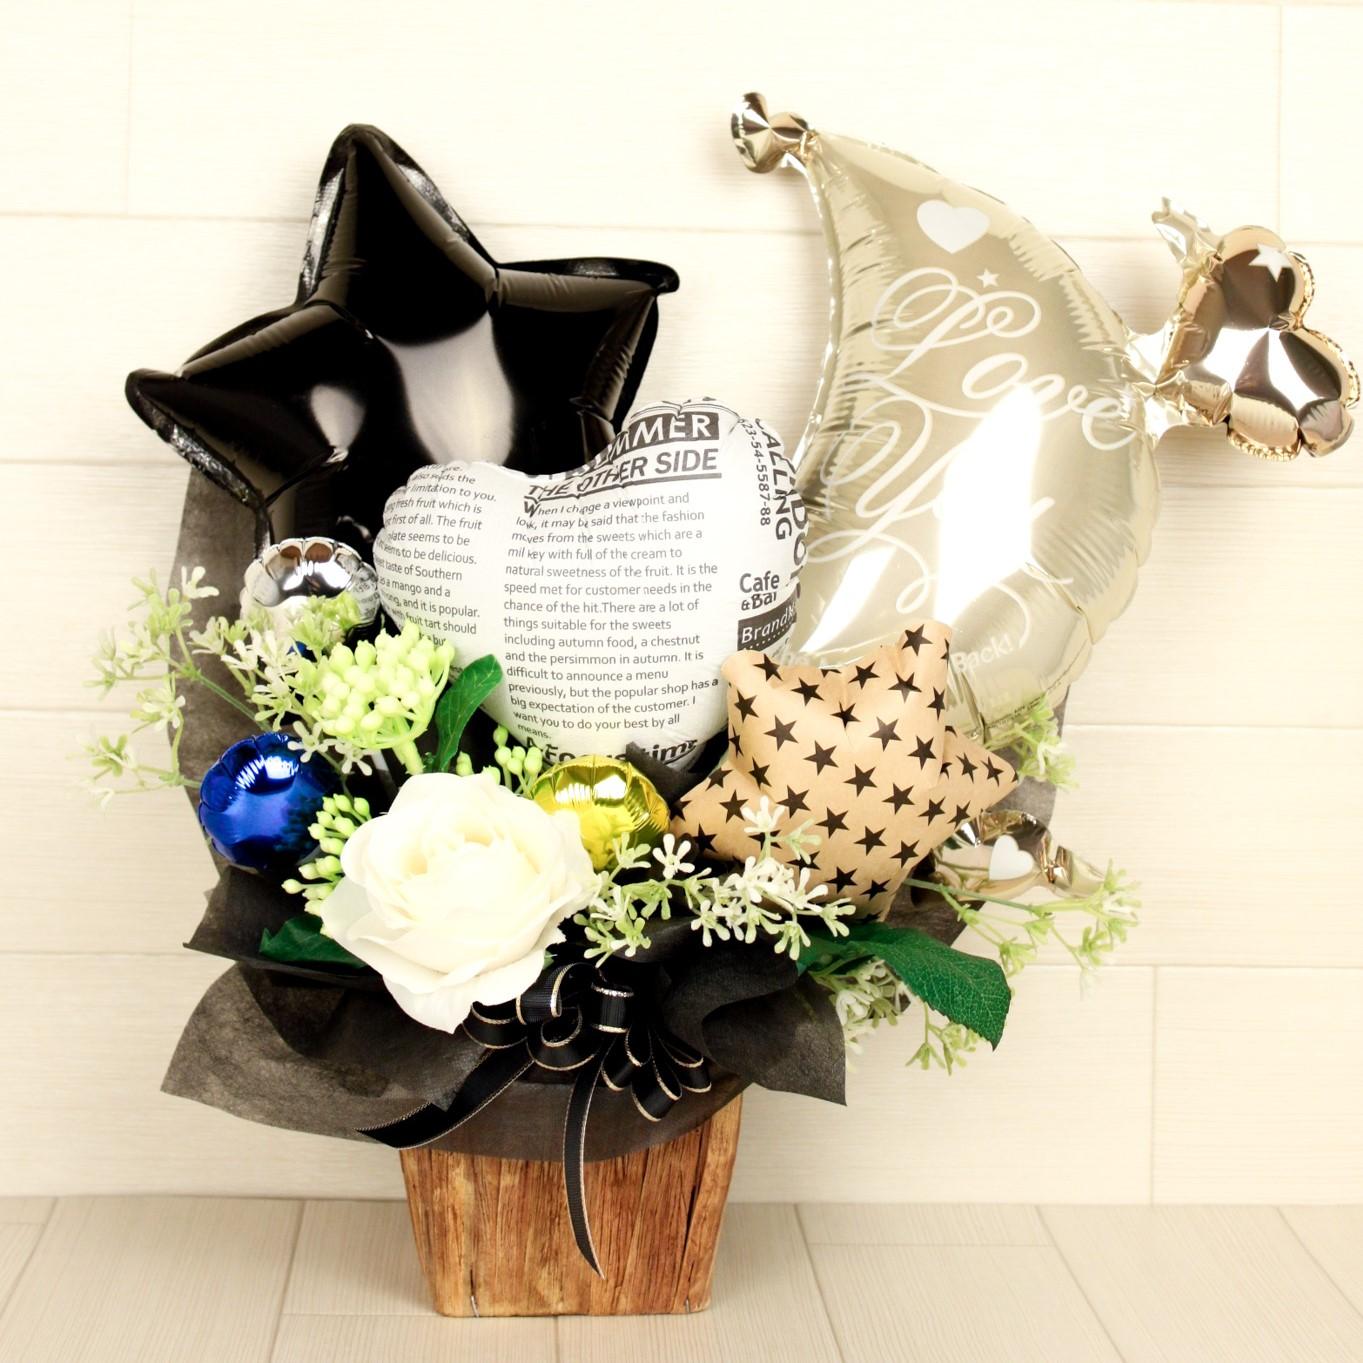 結婚式バルーン電報 「絶対オシャレシリーズ、ブルックリンスタイルNO1。ヴィンテージ風バルーンアレンジ、結婚式のお祝いに大人気」 wd0069